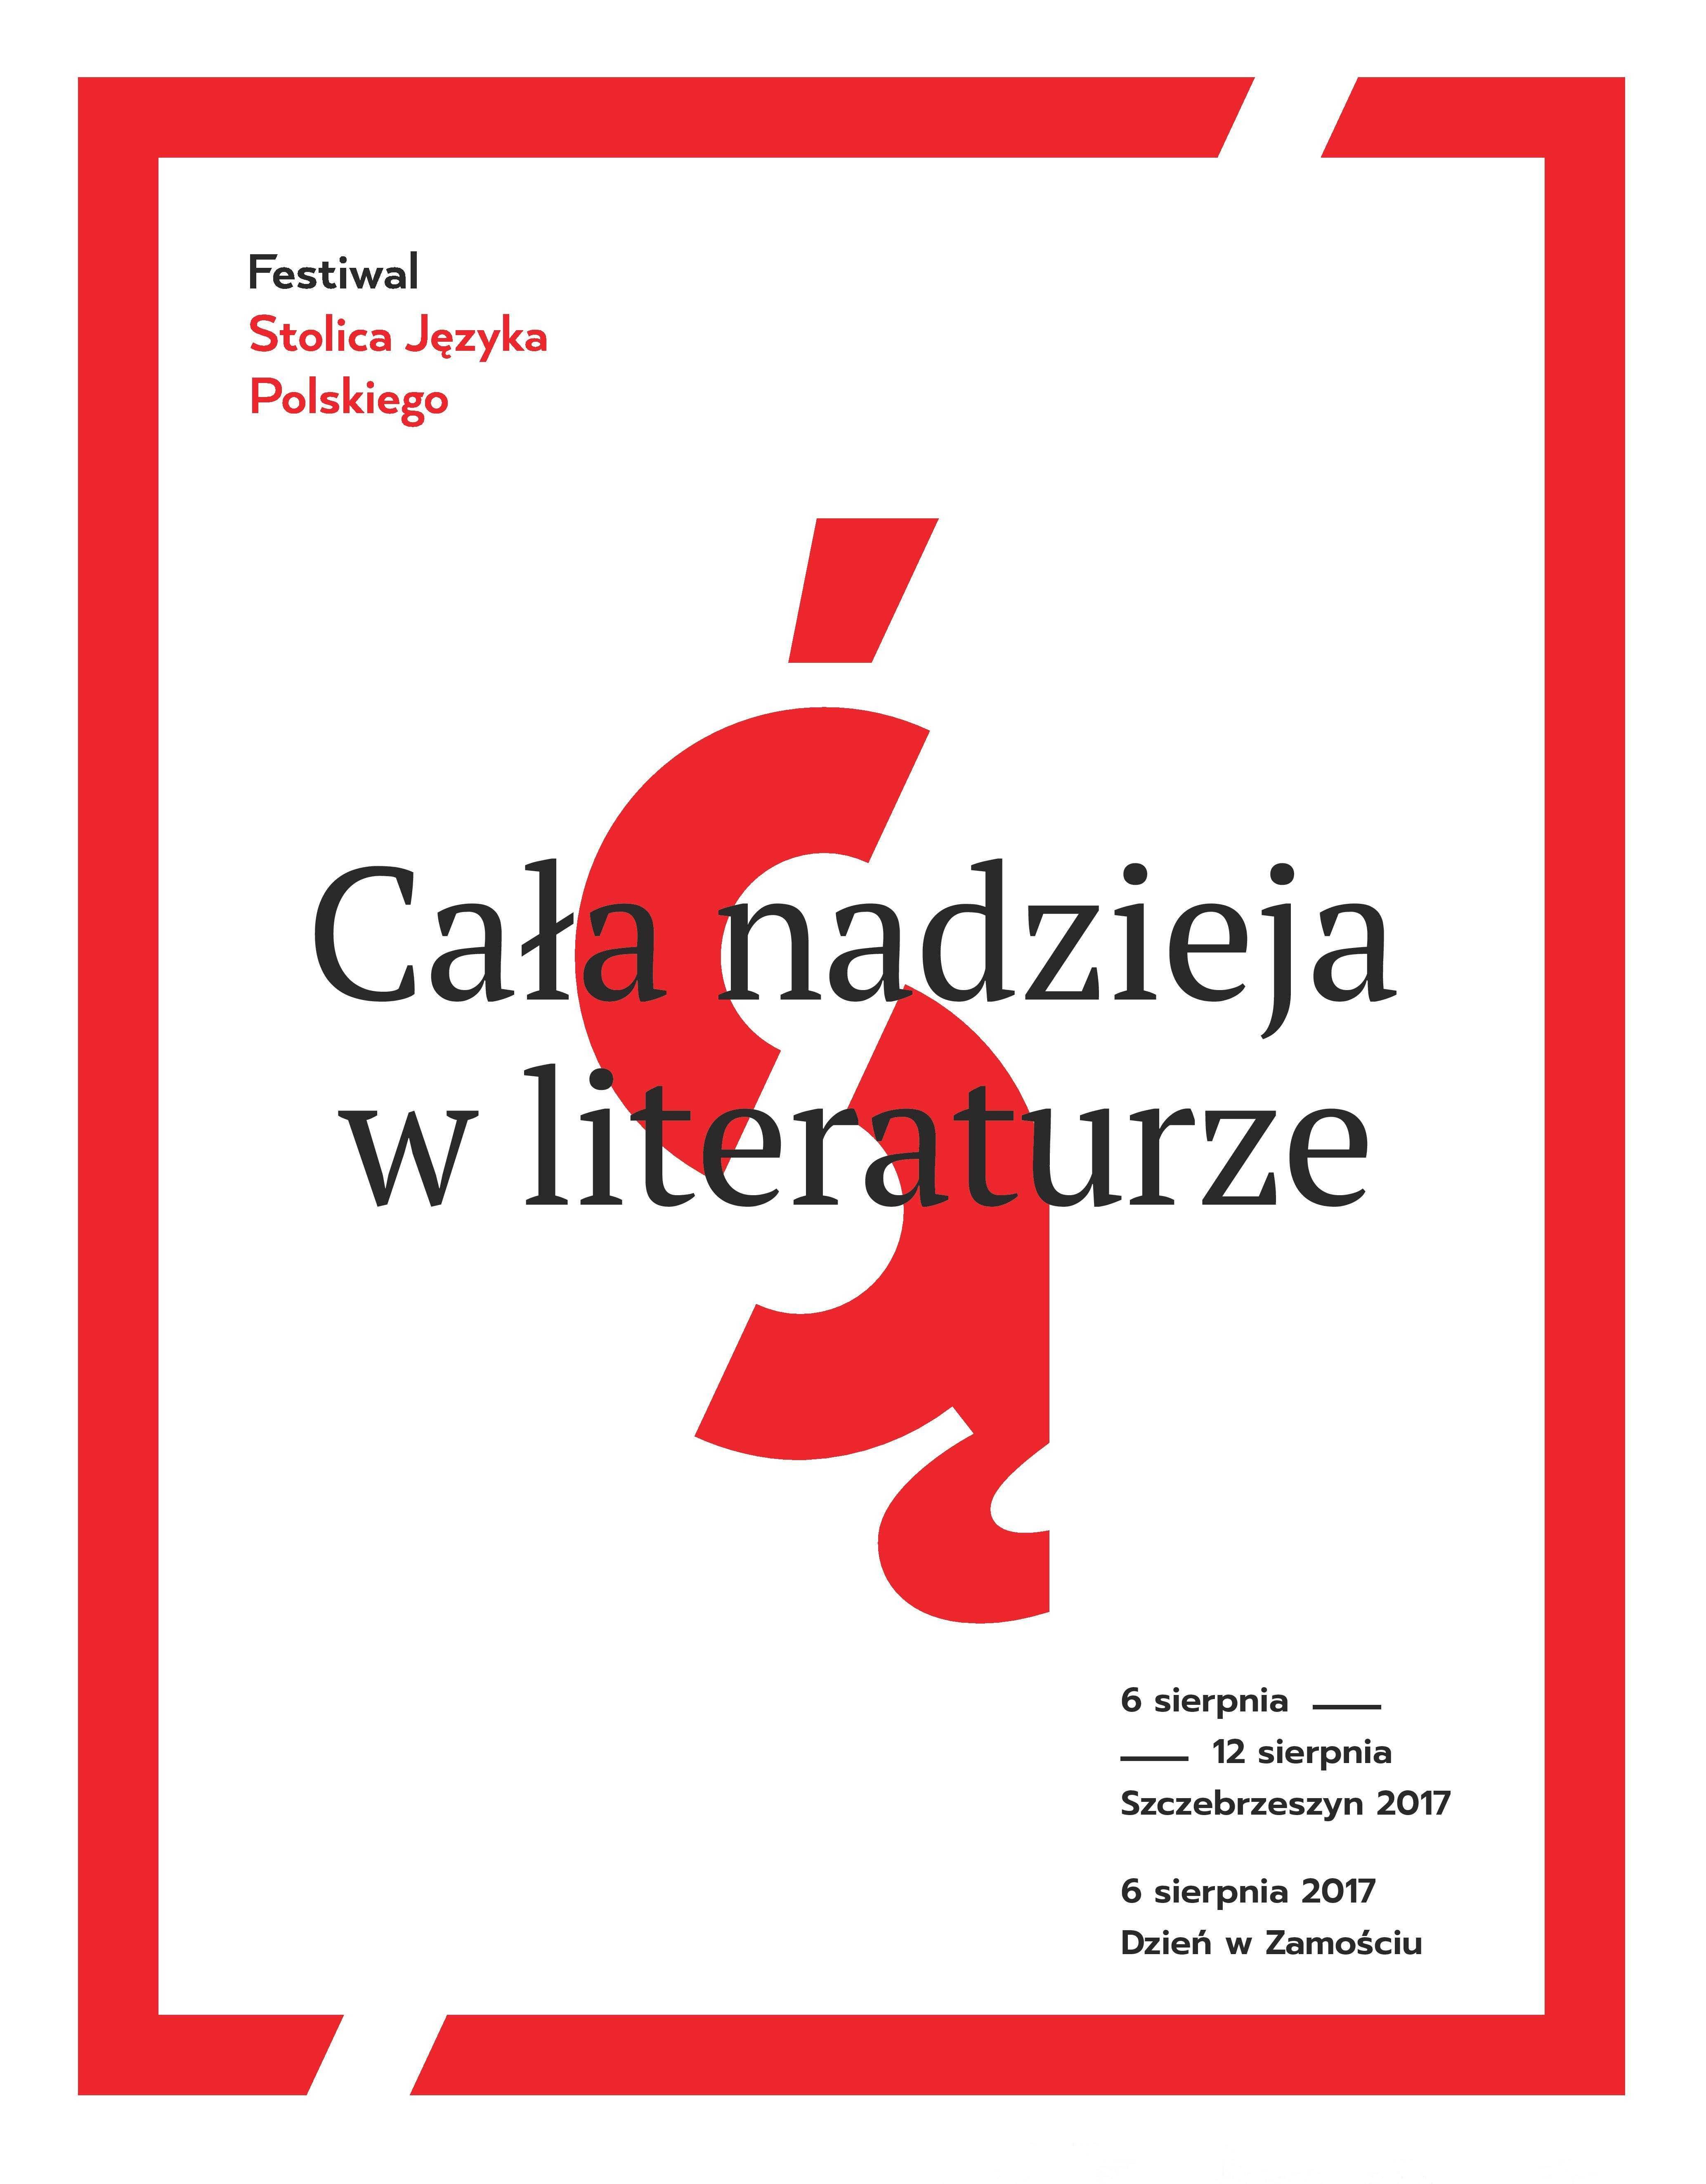 Festiwal Stolica Języka Polskiego 2017 – plakat (źródło: materiały prasowe organizatora)